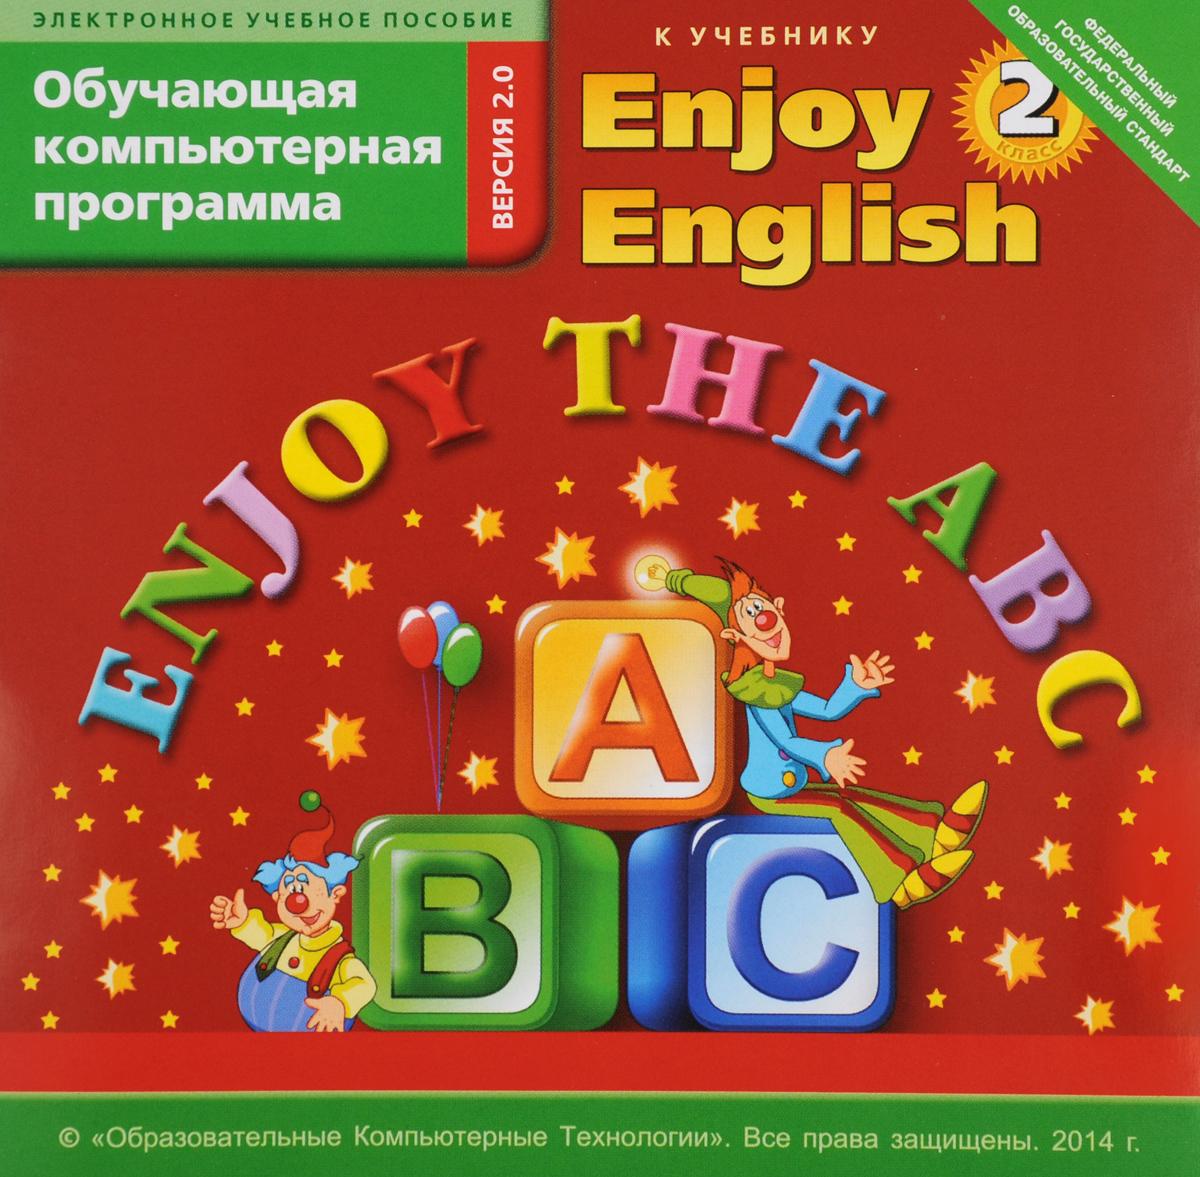 Enjoy English 2: Enjoy the ABC / Английский с удовольствием. 2 класс. Обучающая компьютерная программа agatha christie the abc murders level 4 cd rom